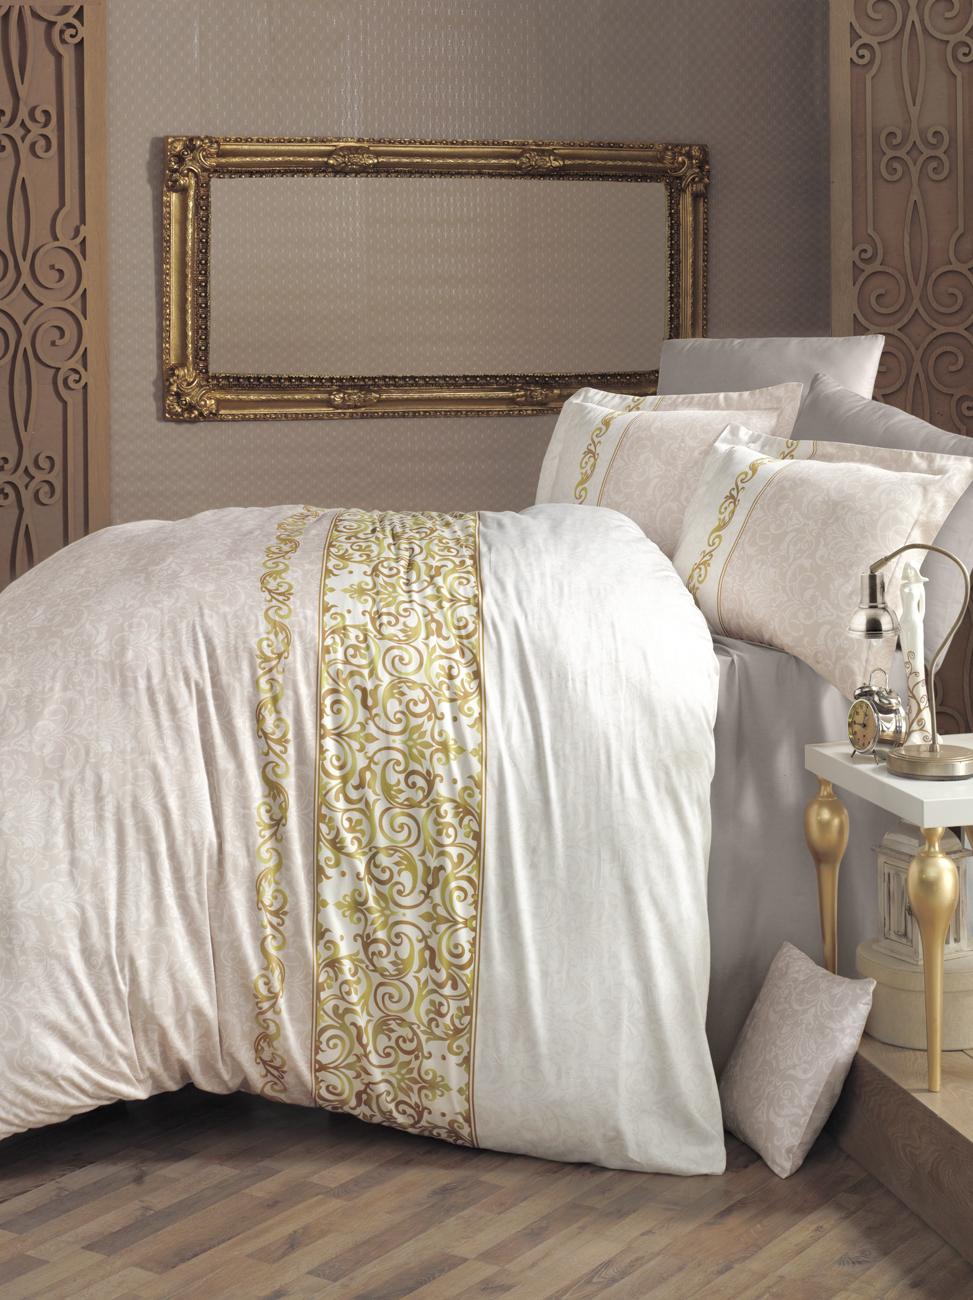 Комплект белья Clasy Mirace, 1,5-спальный, наволочки 50х70, цвет: бежевый00000005269Комплект постельного белья Clasy Mirace изготовлен в Турции из высококачественного сатина на одной из ведущих фабрик. Выбирая постельное белье Clasy Mirace вы будете приятно удивлены качественной выделкой ткани, красивыми и модными расцветками, а также его отличным качеством. Все наволочки у комплектов Clasy Mirace имеют клапан без пуговиц и молнии. Пододеяльник с пуговицами.Советы по выбору постельного белья от блогера Ирины Соковых. Статья OZON Гид